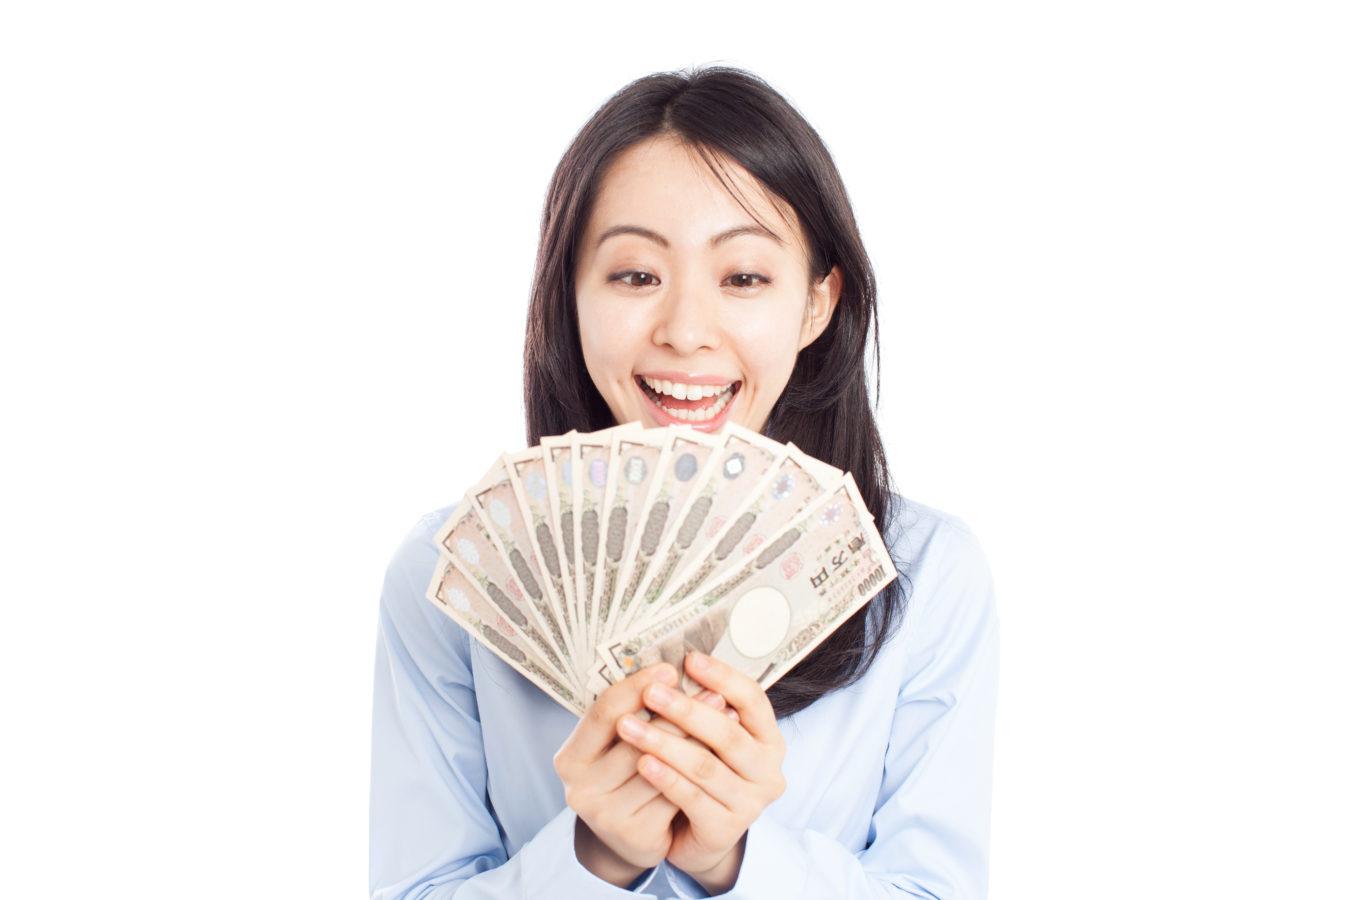 Doit-on aller vers une rémunération individuelle ?